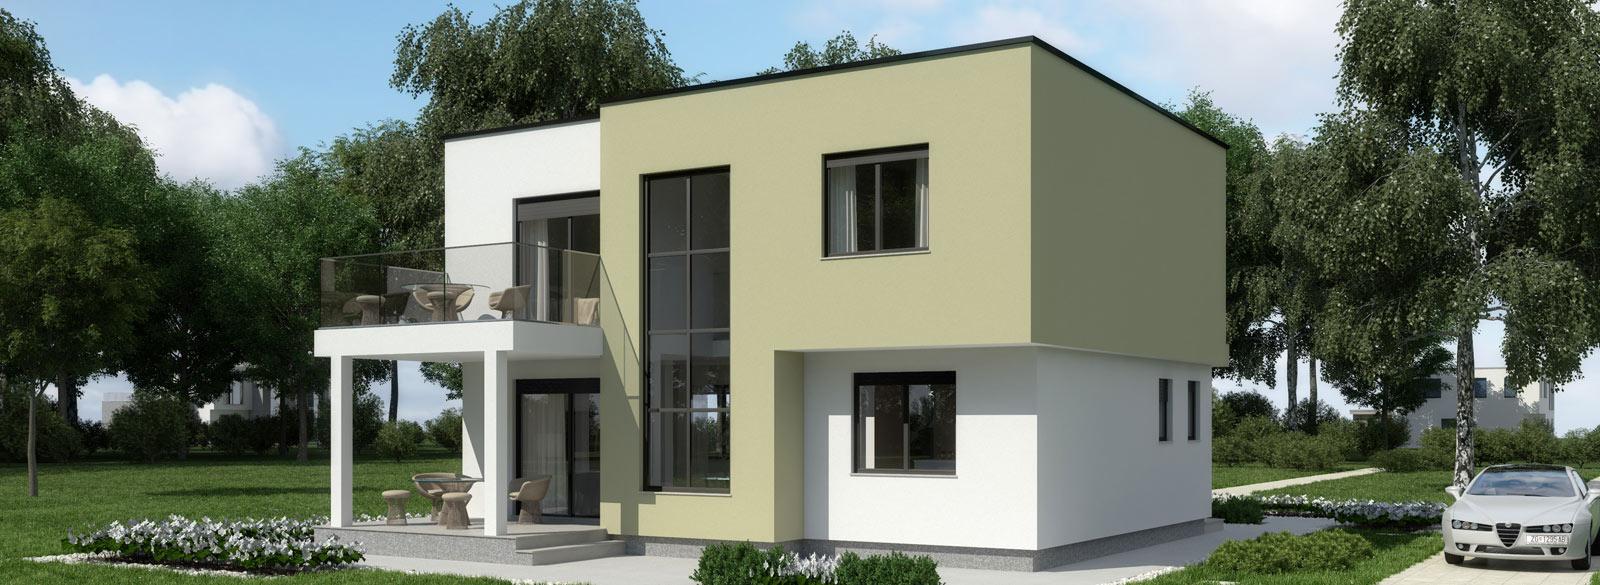 Загородный Дом в стиле хай-тек с плоской крышей